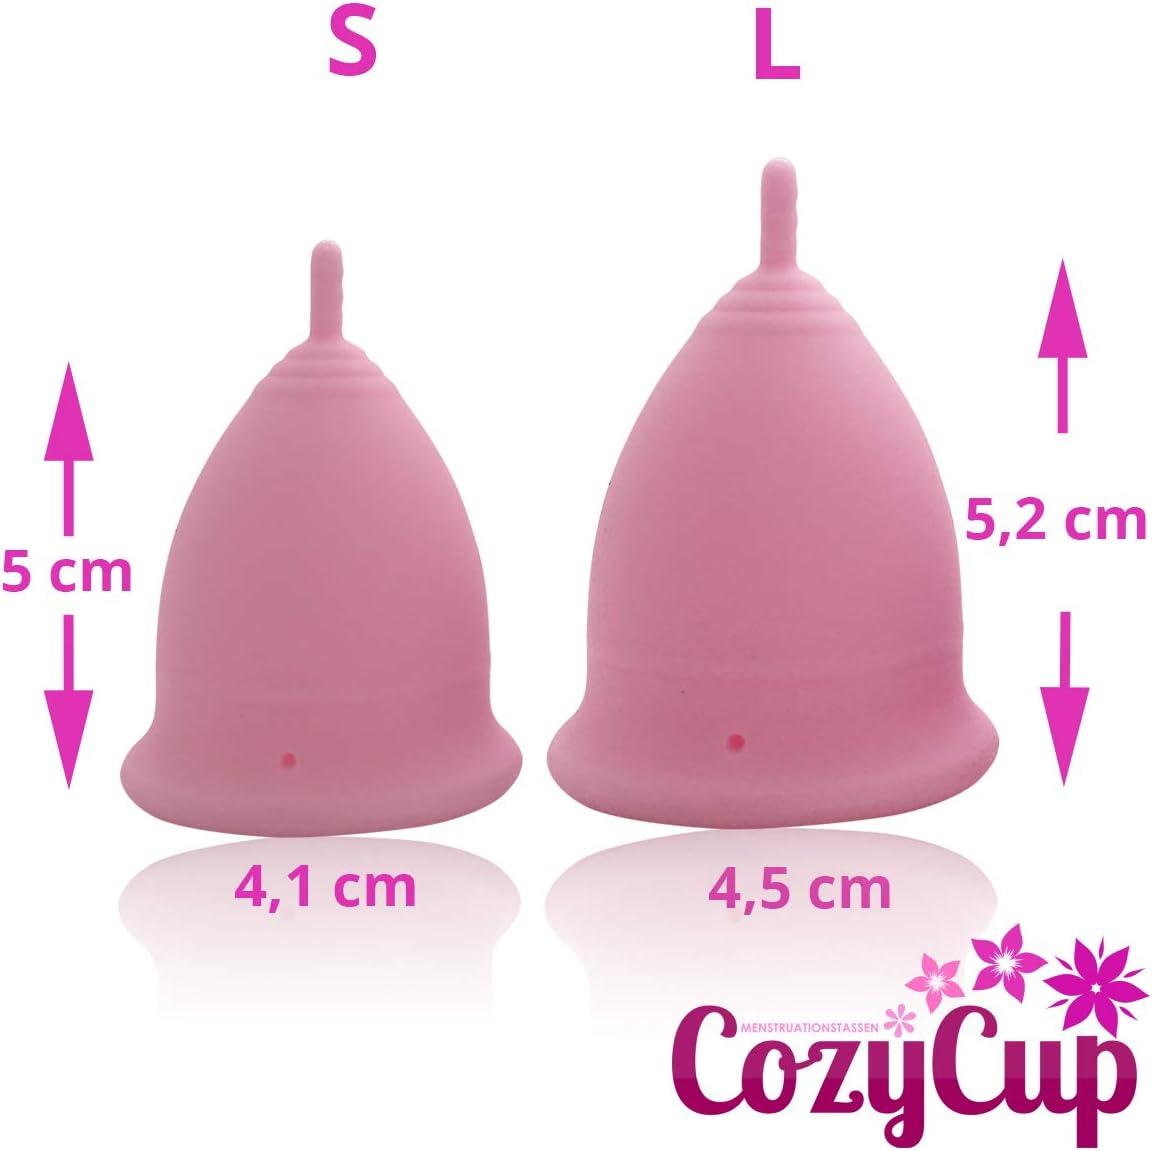 CozyCup Classic - Copa menstrual de silicona médica, hecha en Alemania